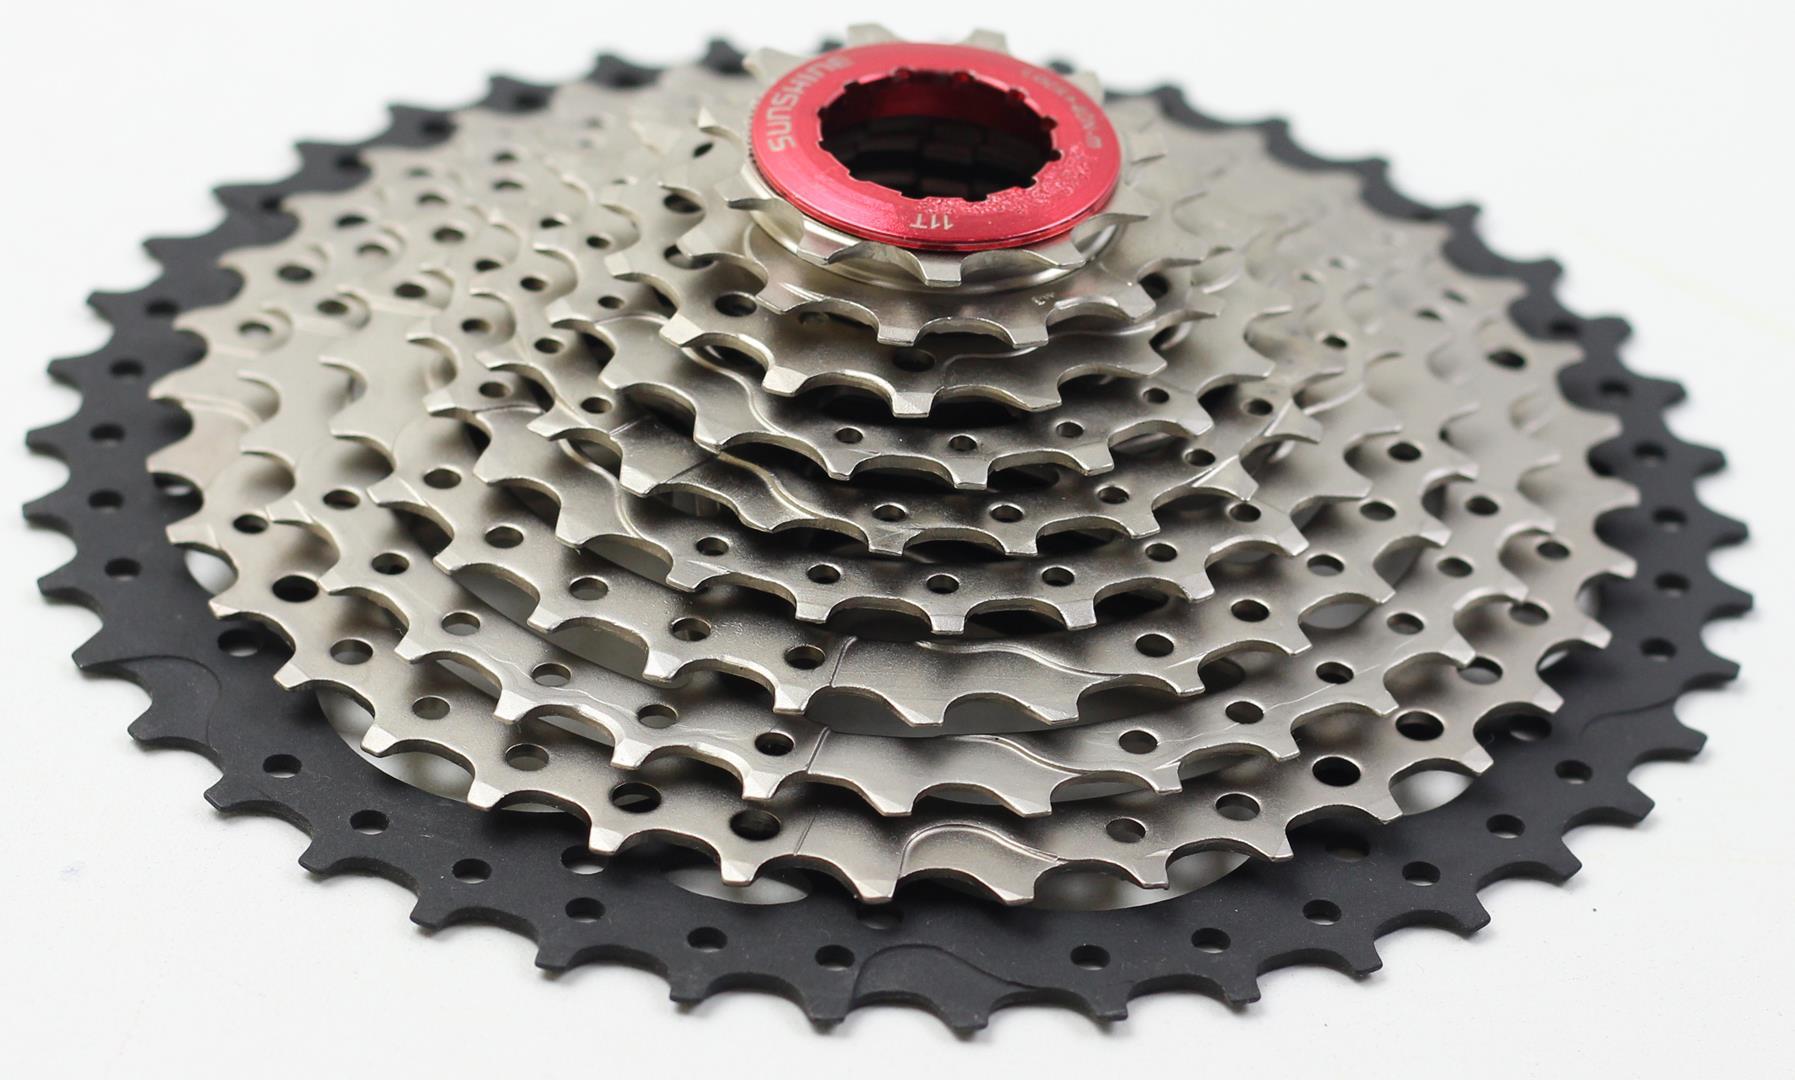 Cassete Bicicleta Sunshine 11-42 dentes 10 Velocidades Padrão Shimano